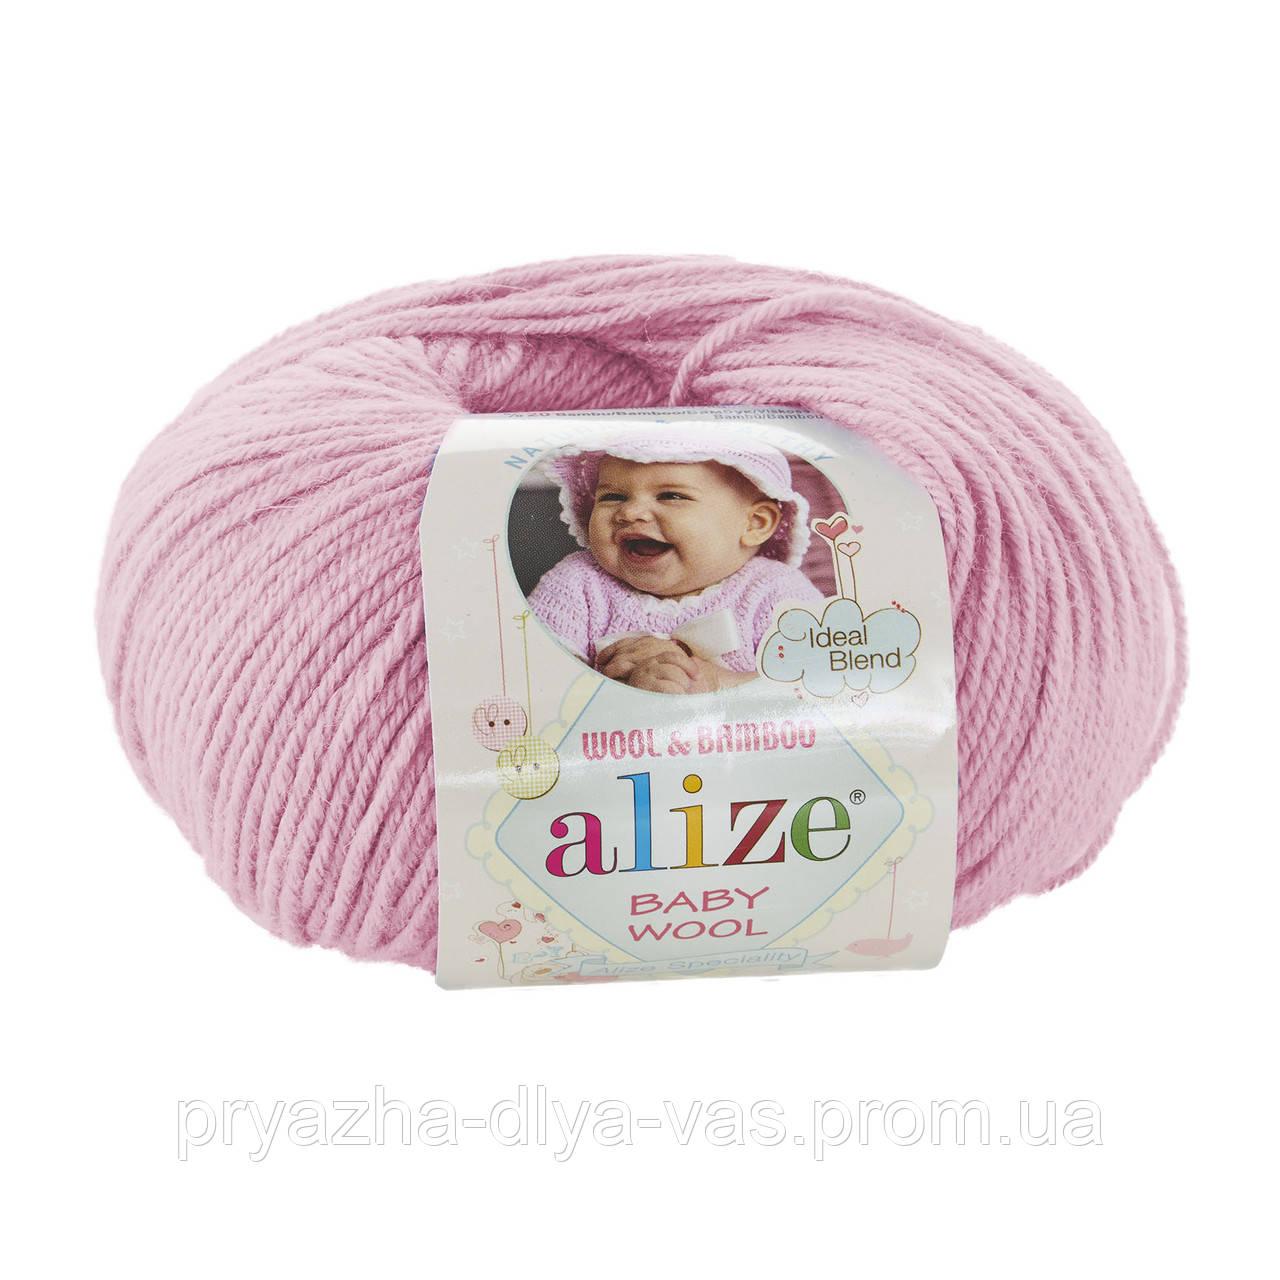 Детская пряжа (40%-шерсть, 20%-бамбук, 40%-акрил, 50 г/175 м) Alize Baby Wool 185(светло-розовый)